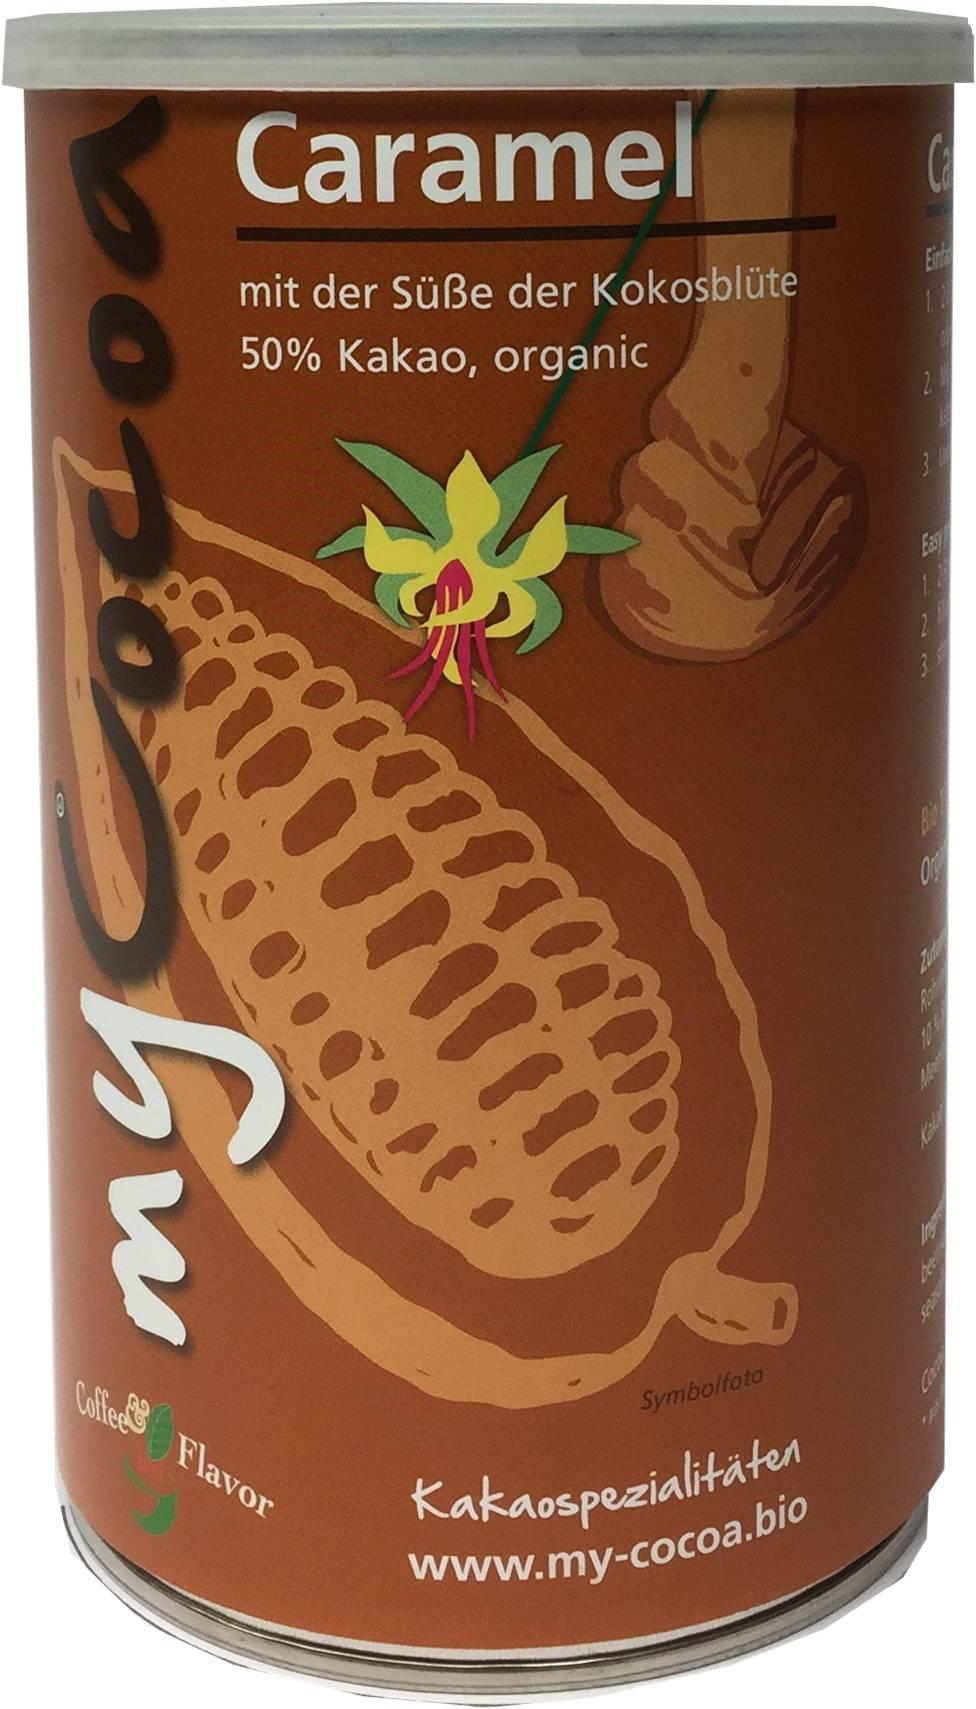 Bio MyCocoa Caramel mit der Süsse der Kokosblüte